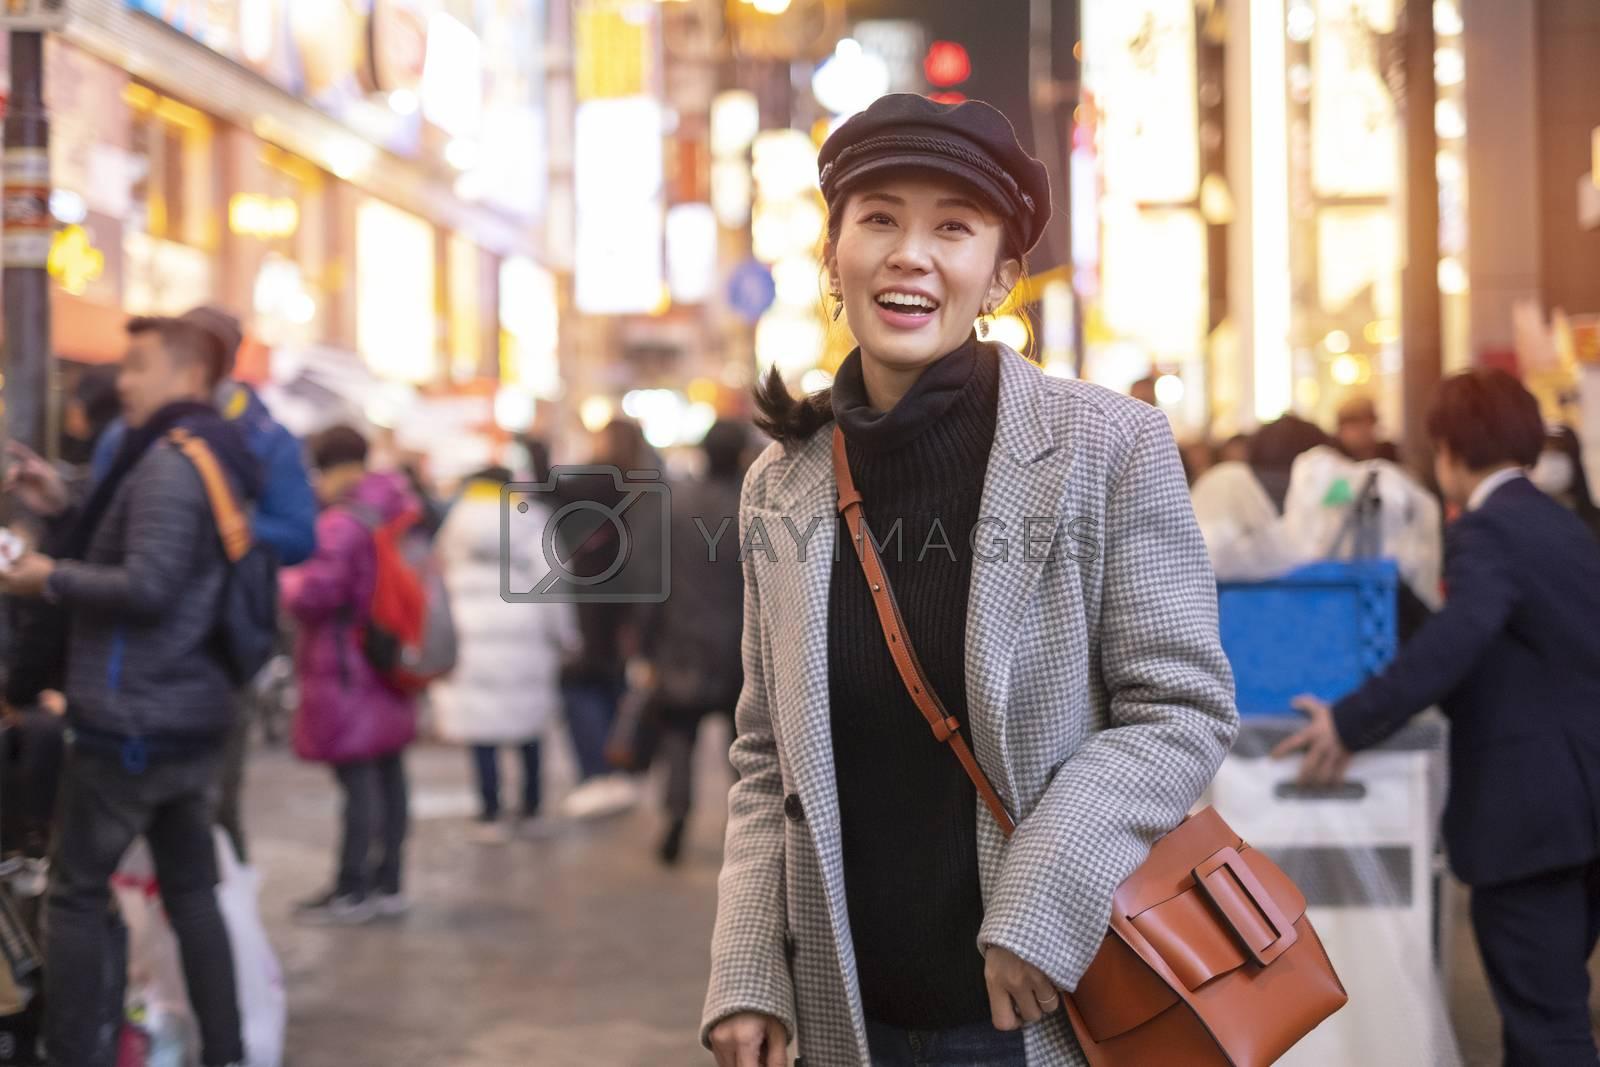 Beautiful smiling woman tourists traveling in walking at street shopping center Shibuya in Tokyo, Japan.